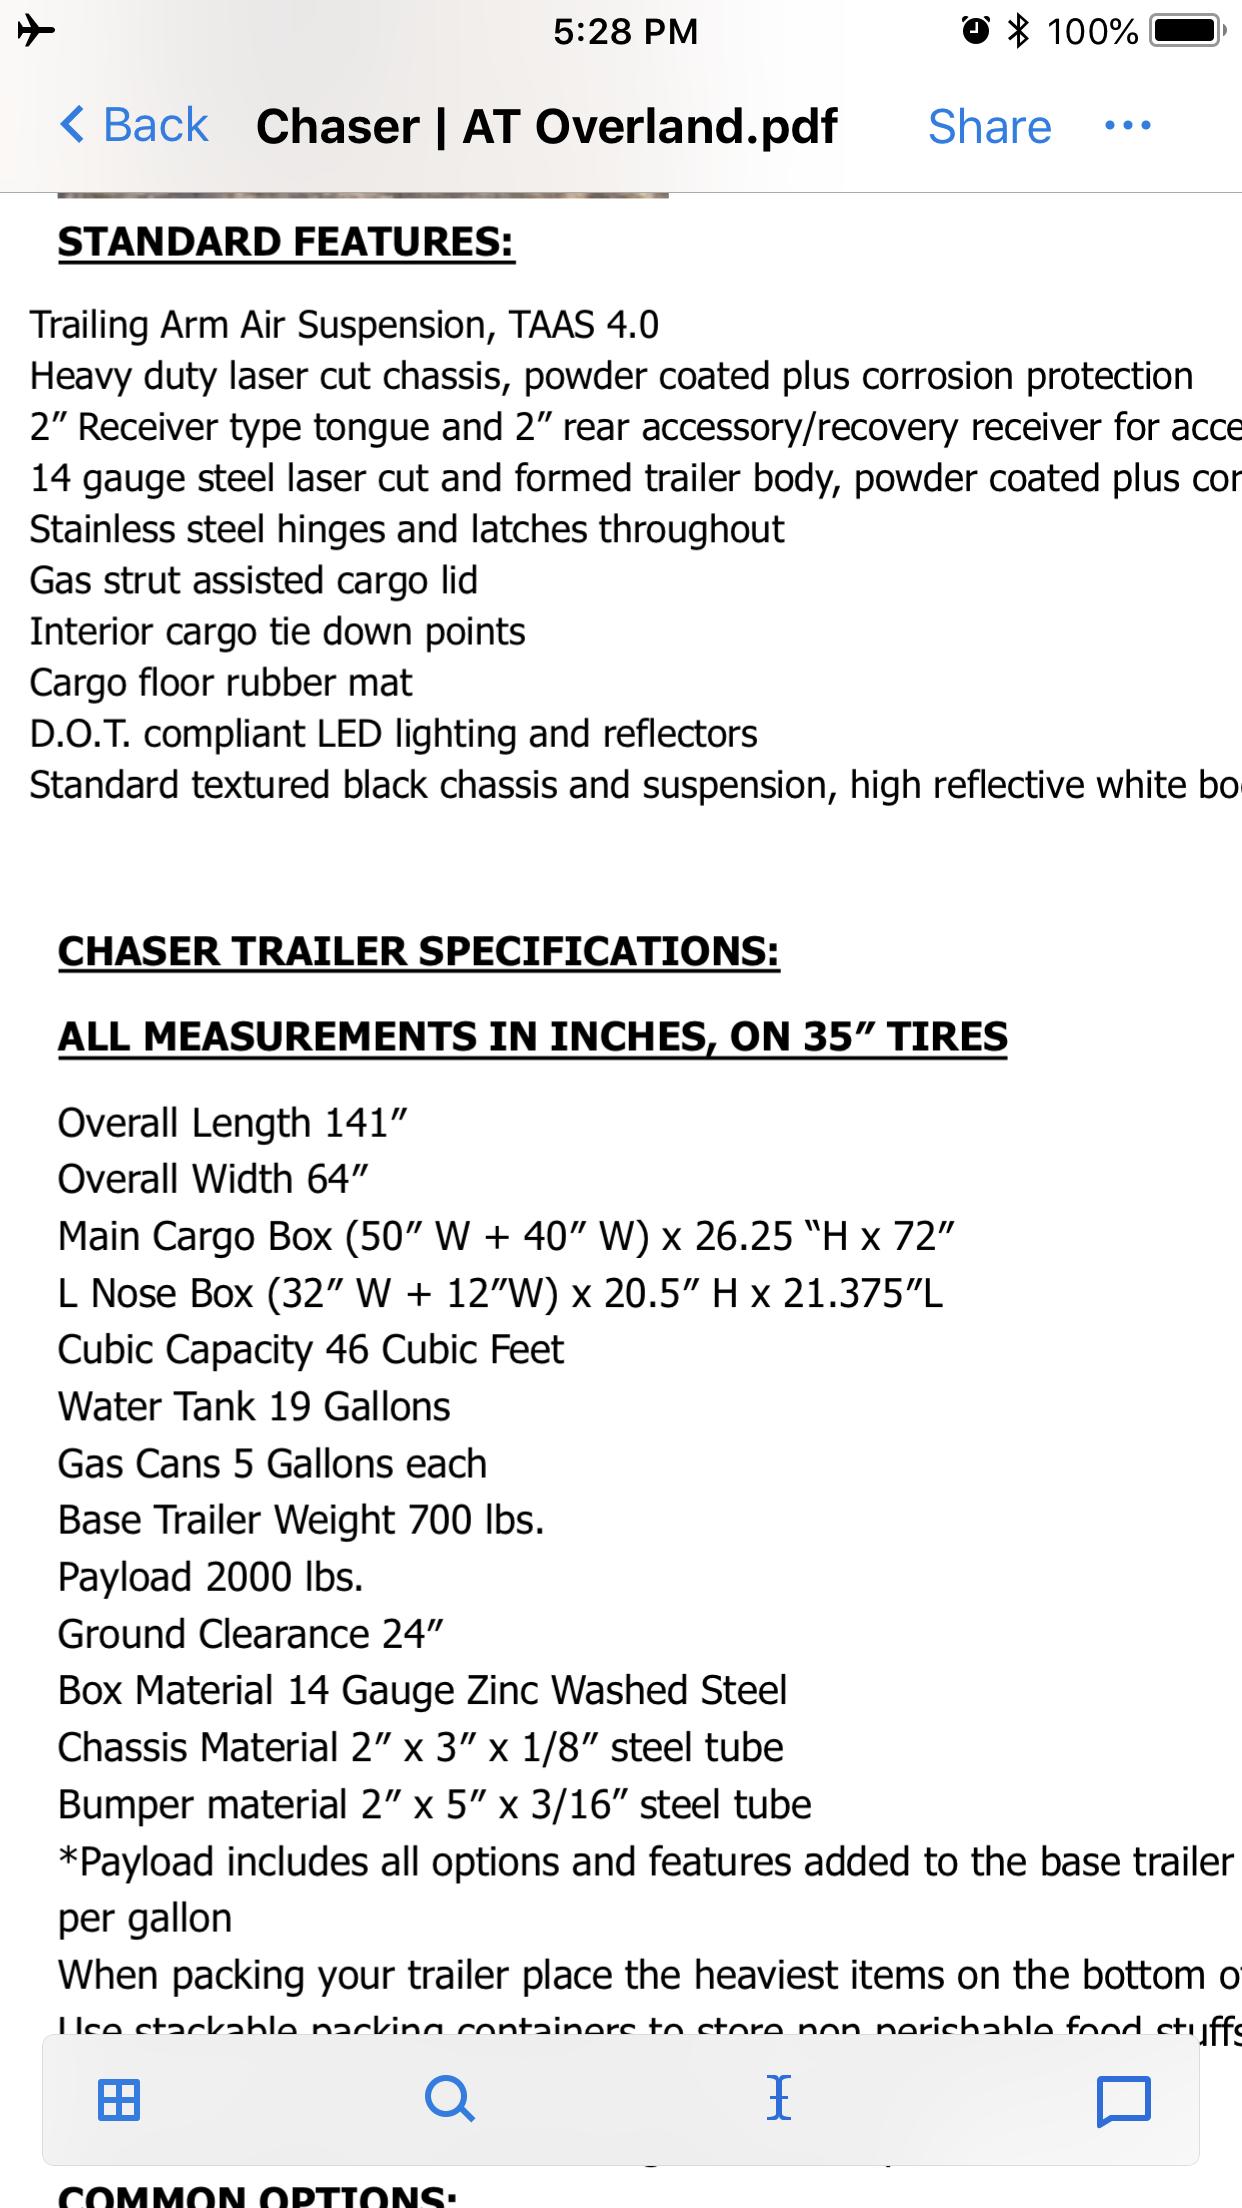 Chaser specs